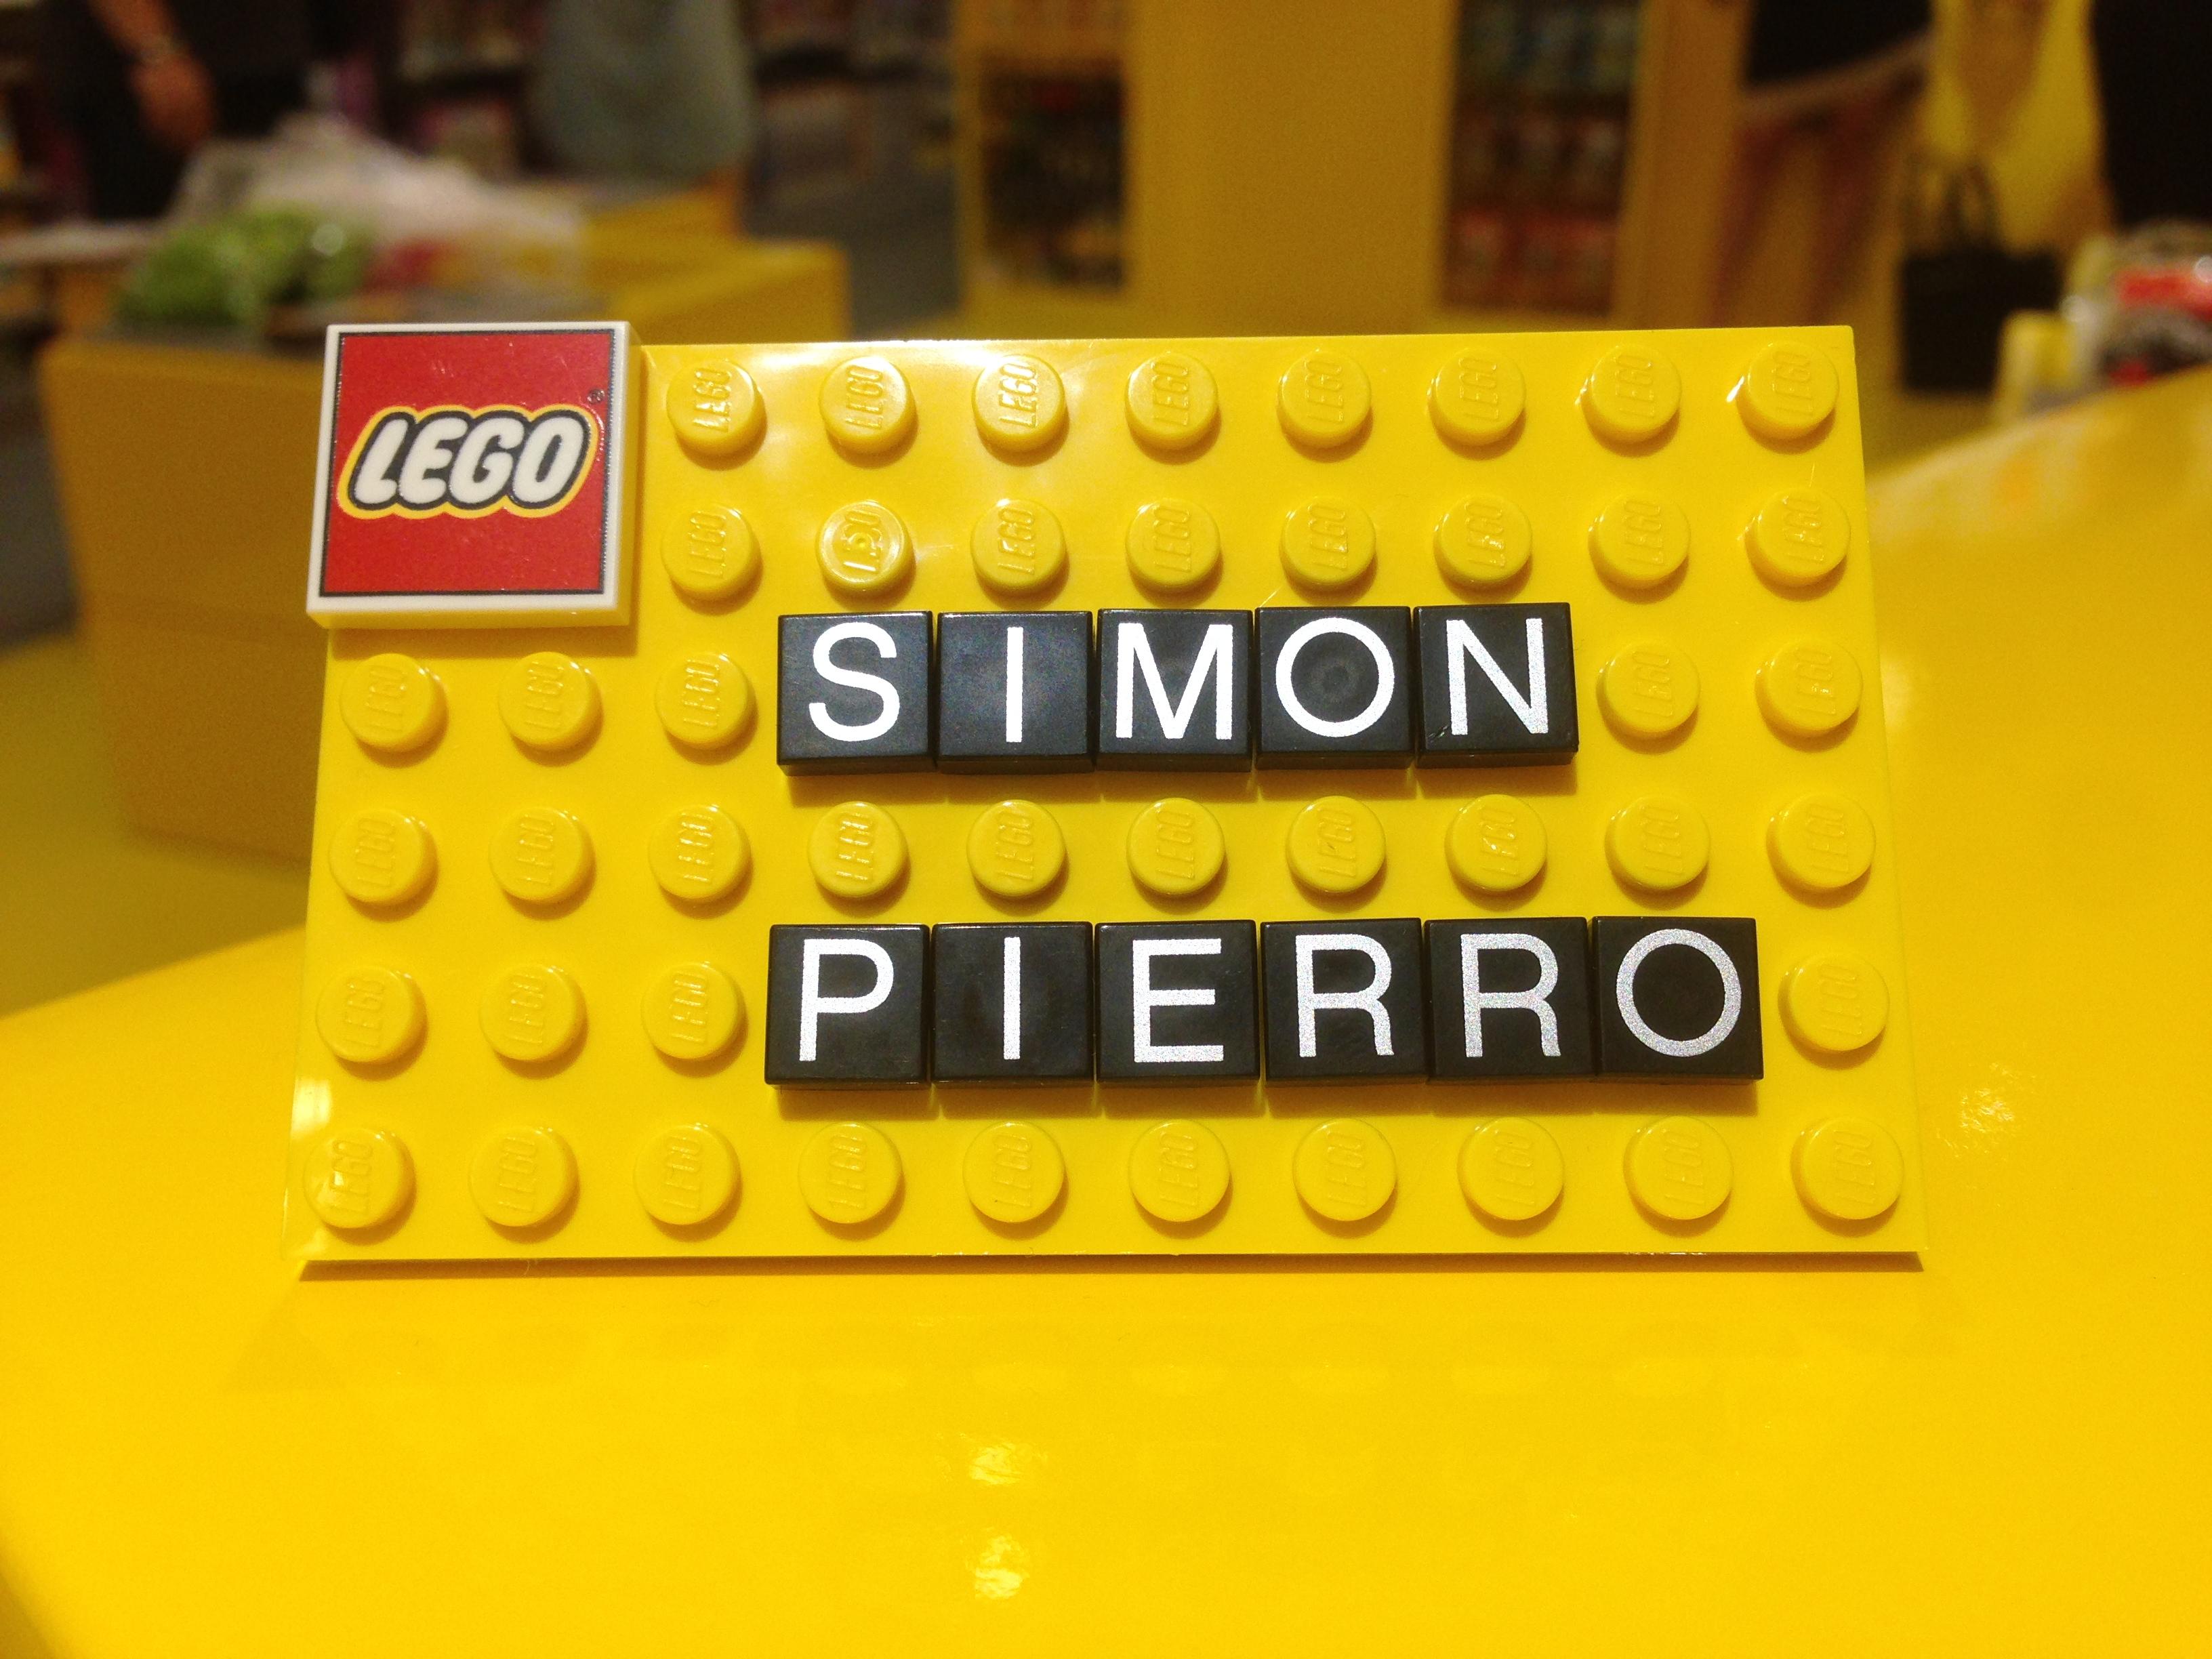 Mein Name auf einer LEGO-Platte